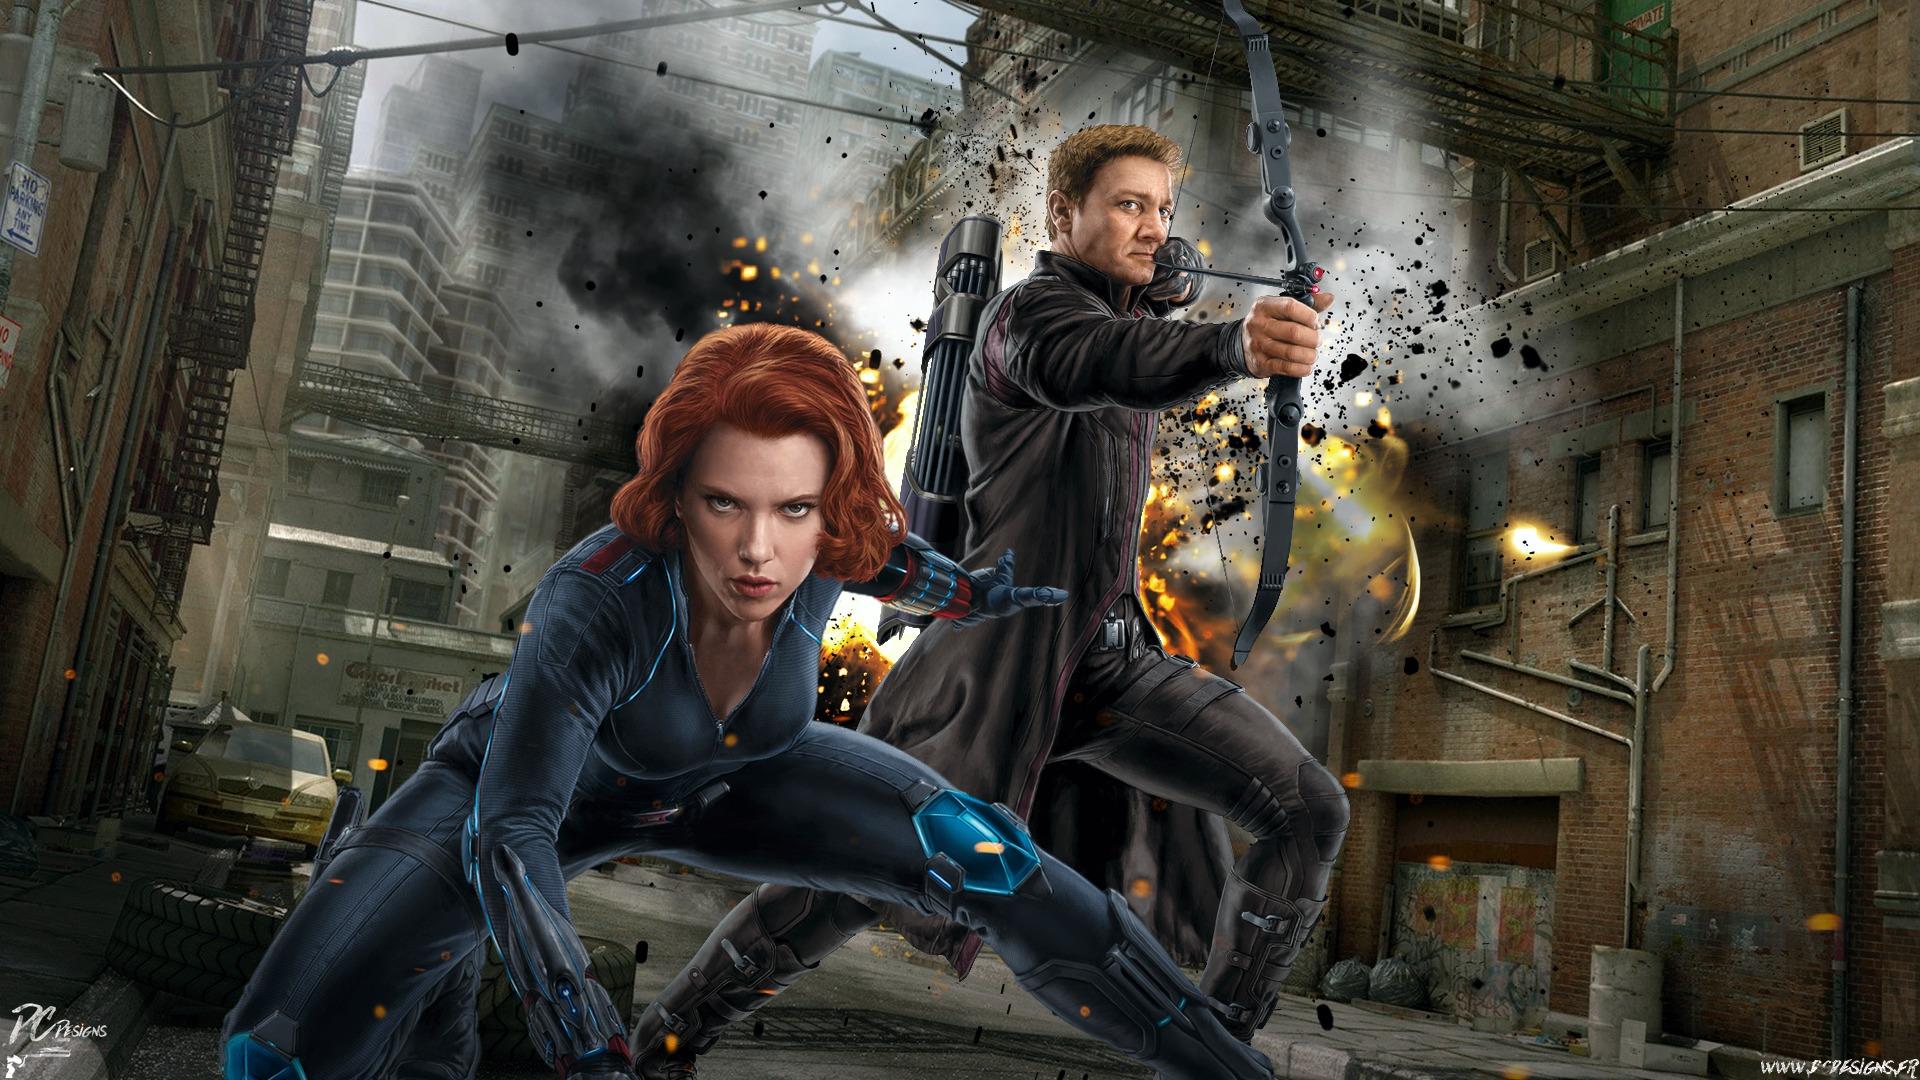 Scarlett Johansson: Avengers, Black Widow, Hawkeye, Scarlett Johansson, Дівчата, Avengers: Age of Ultron, Fan Art